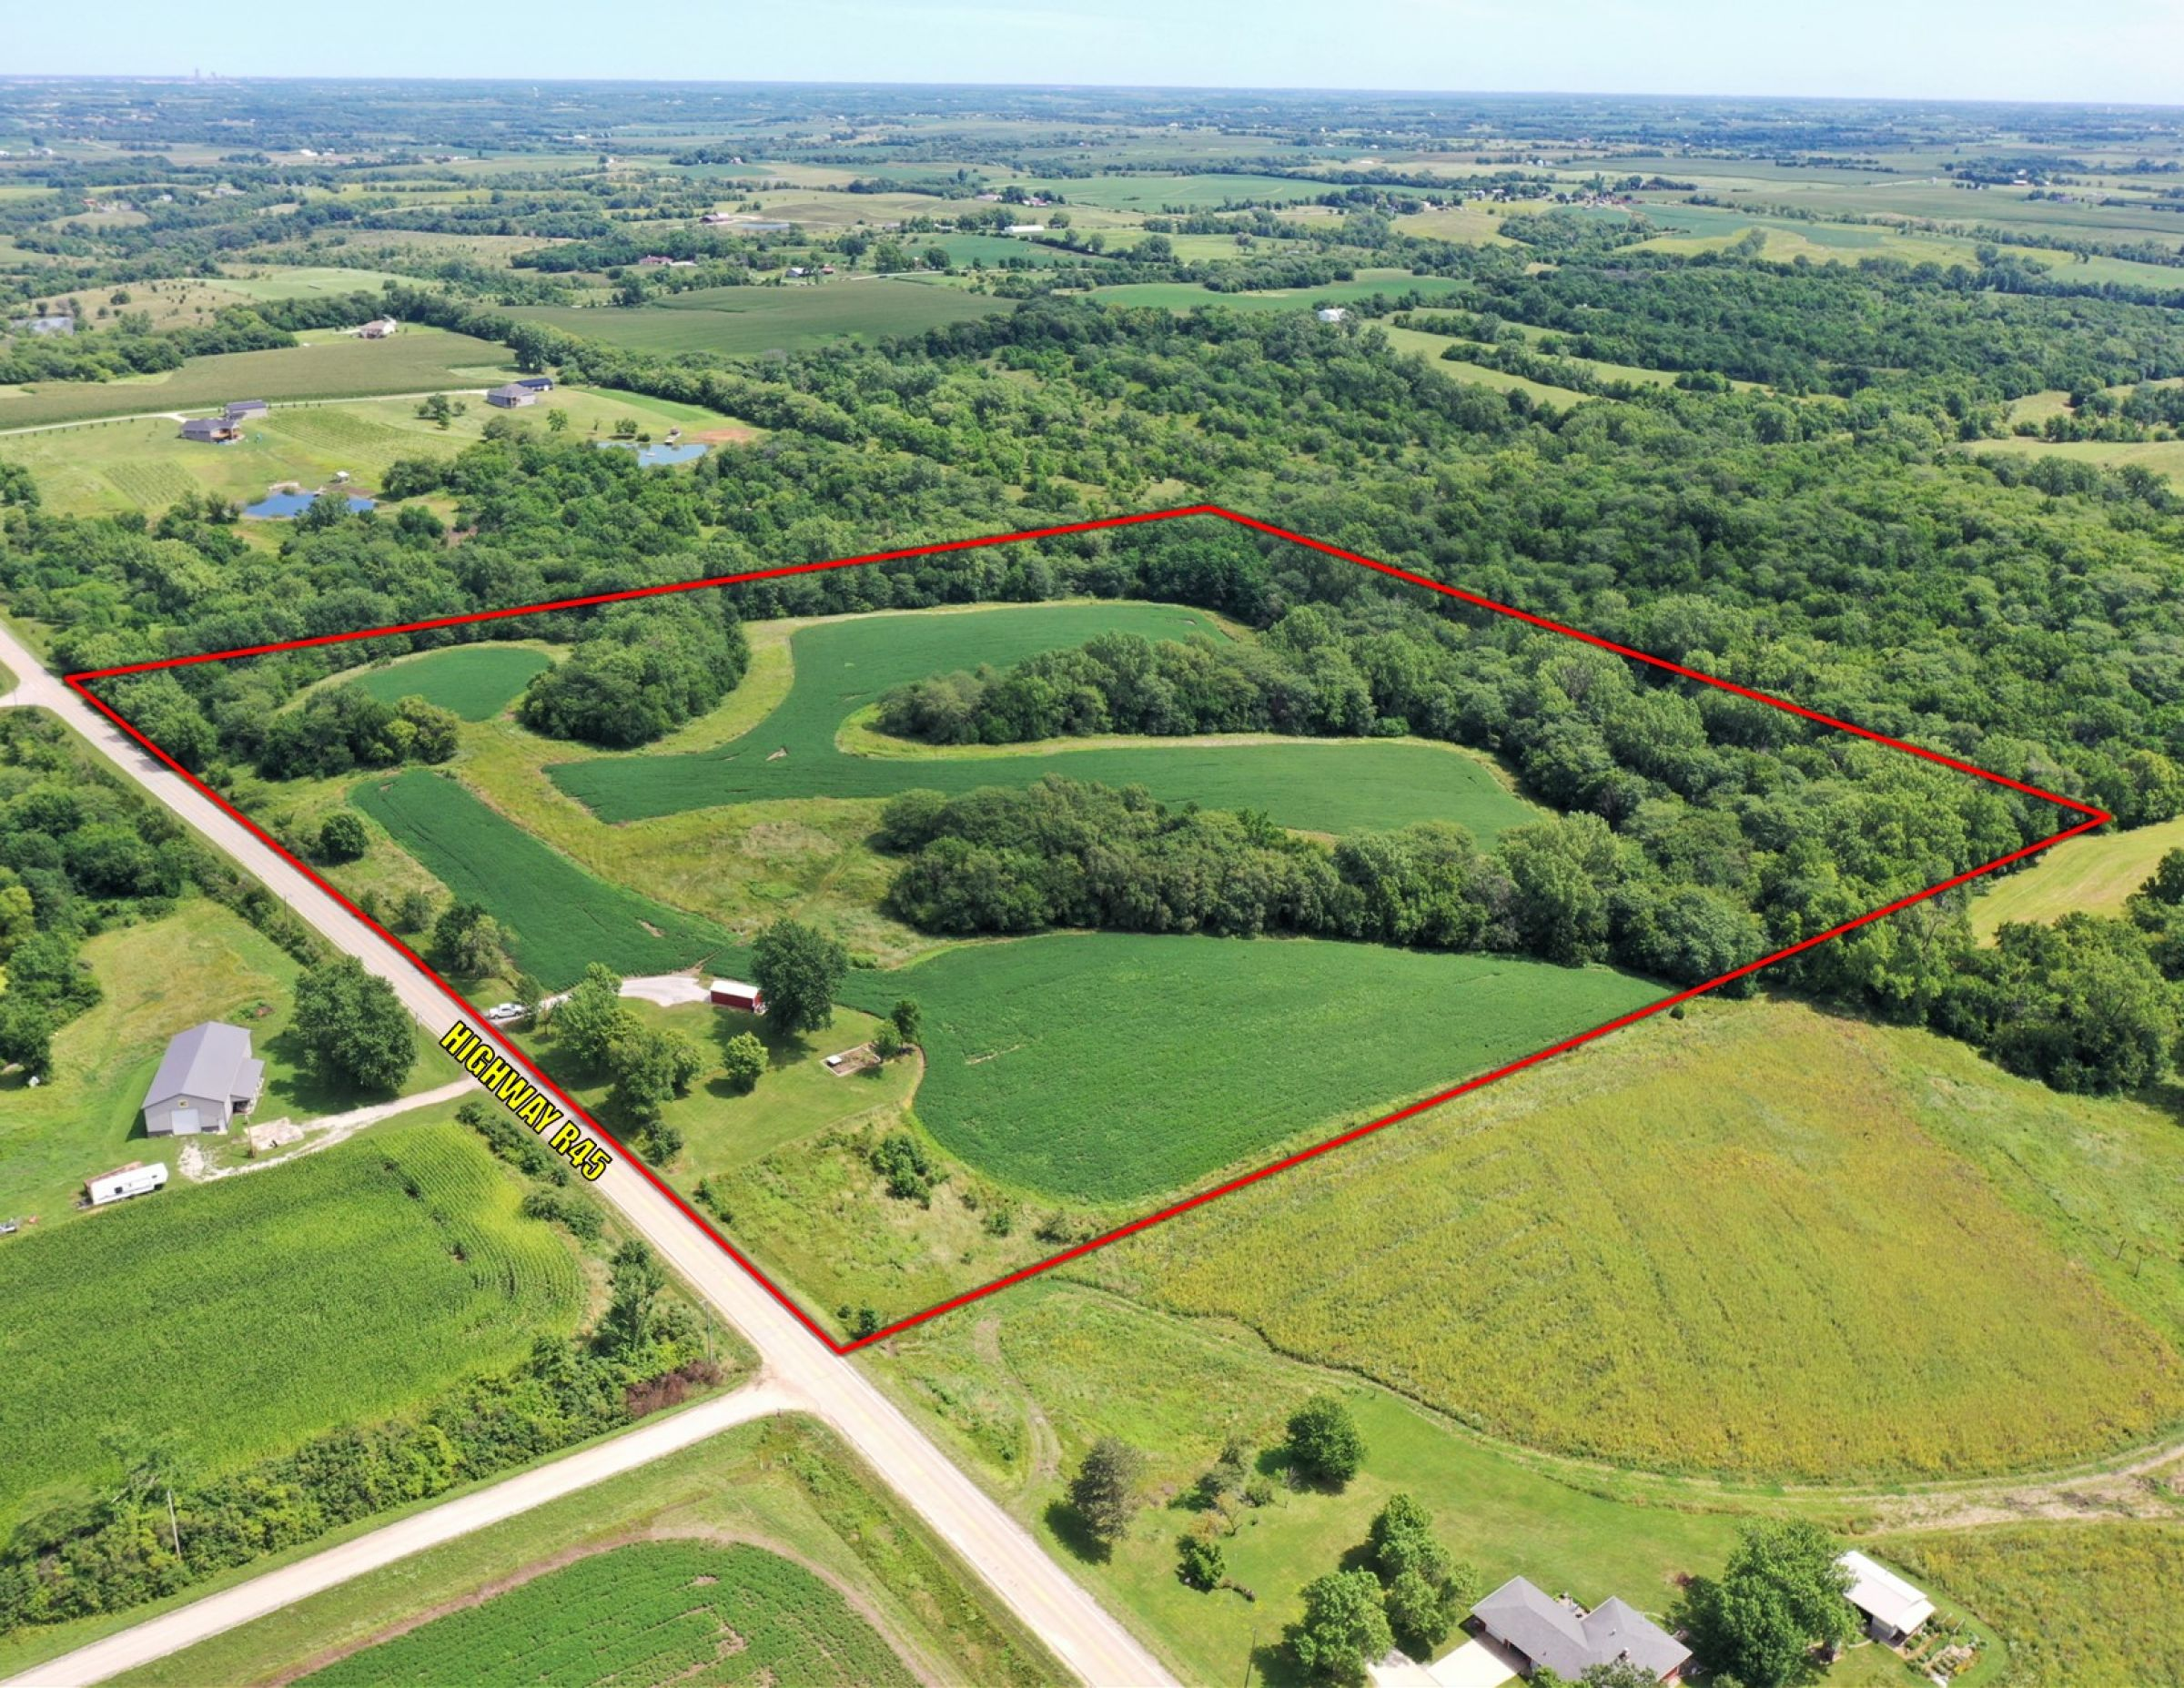 warren-county-iowa-40-acres-listing-number-15145-2-2020-08-28-144223.jpg